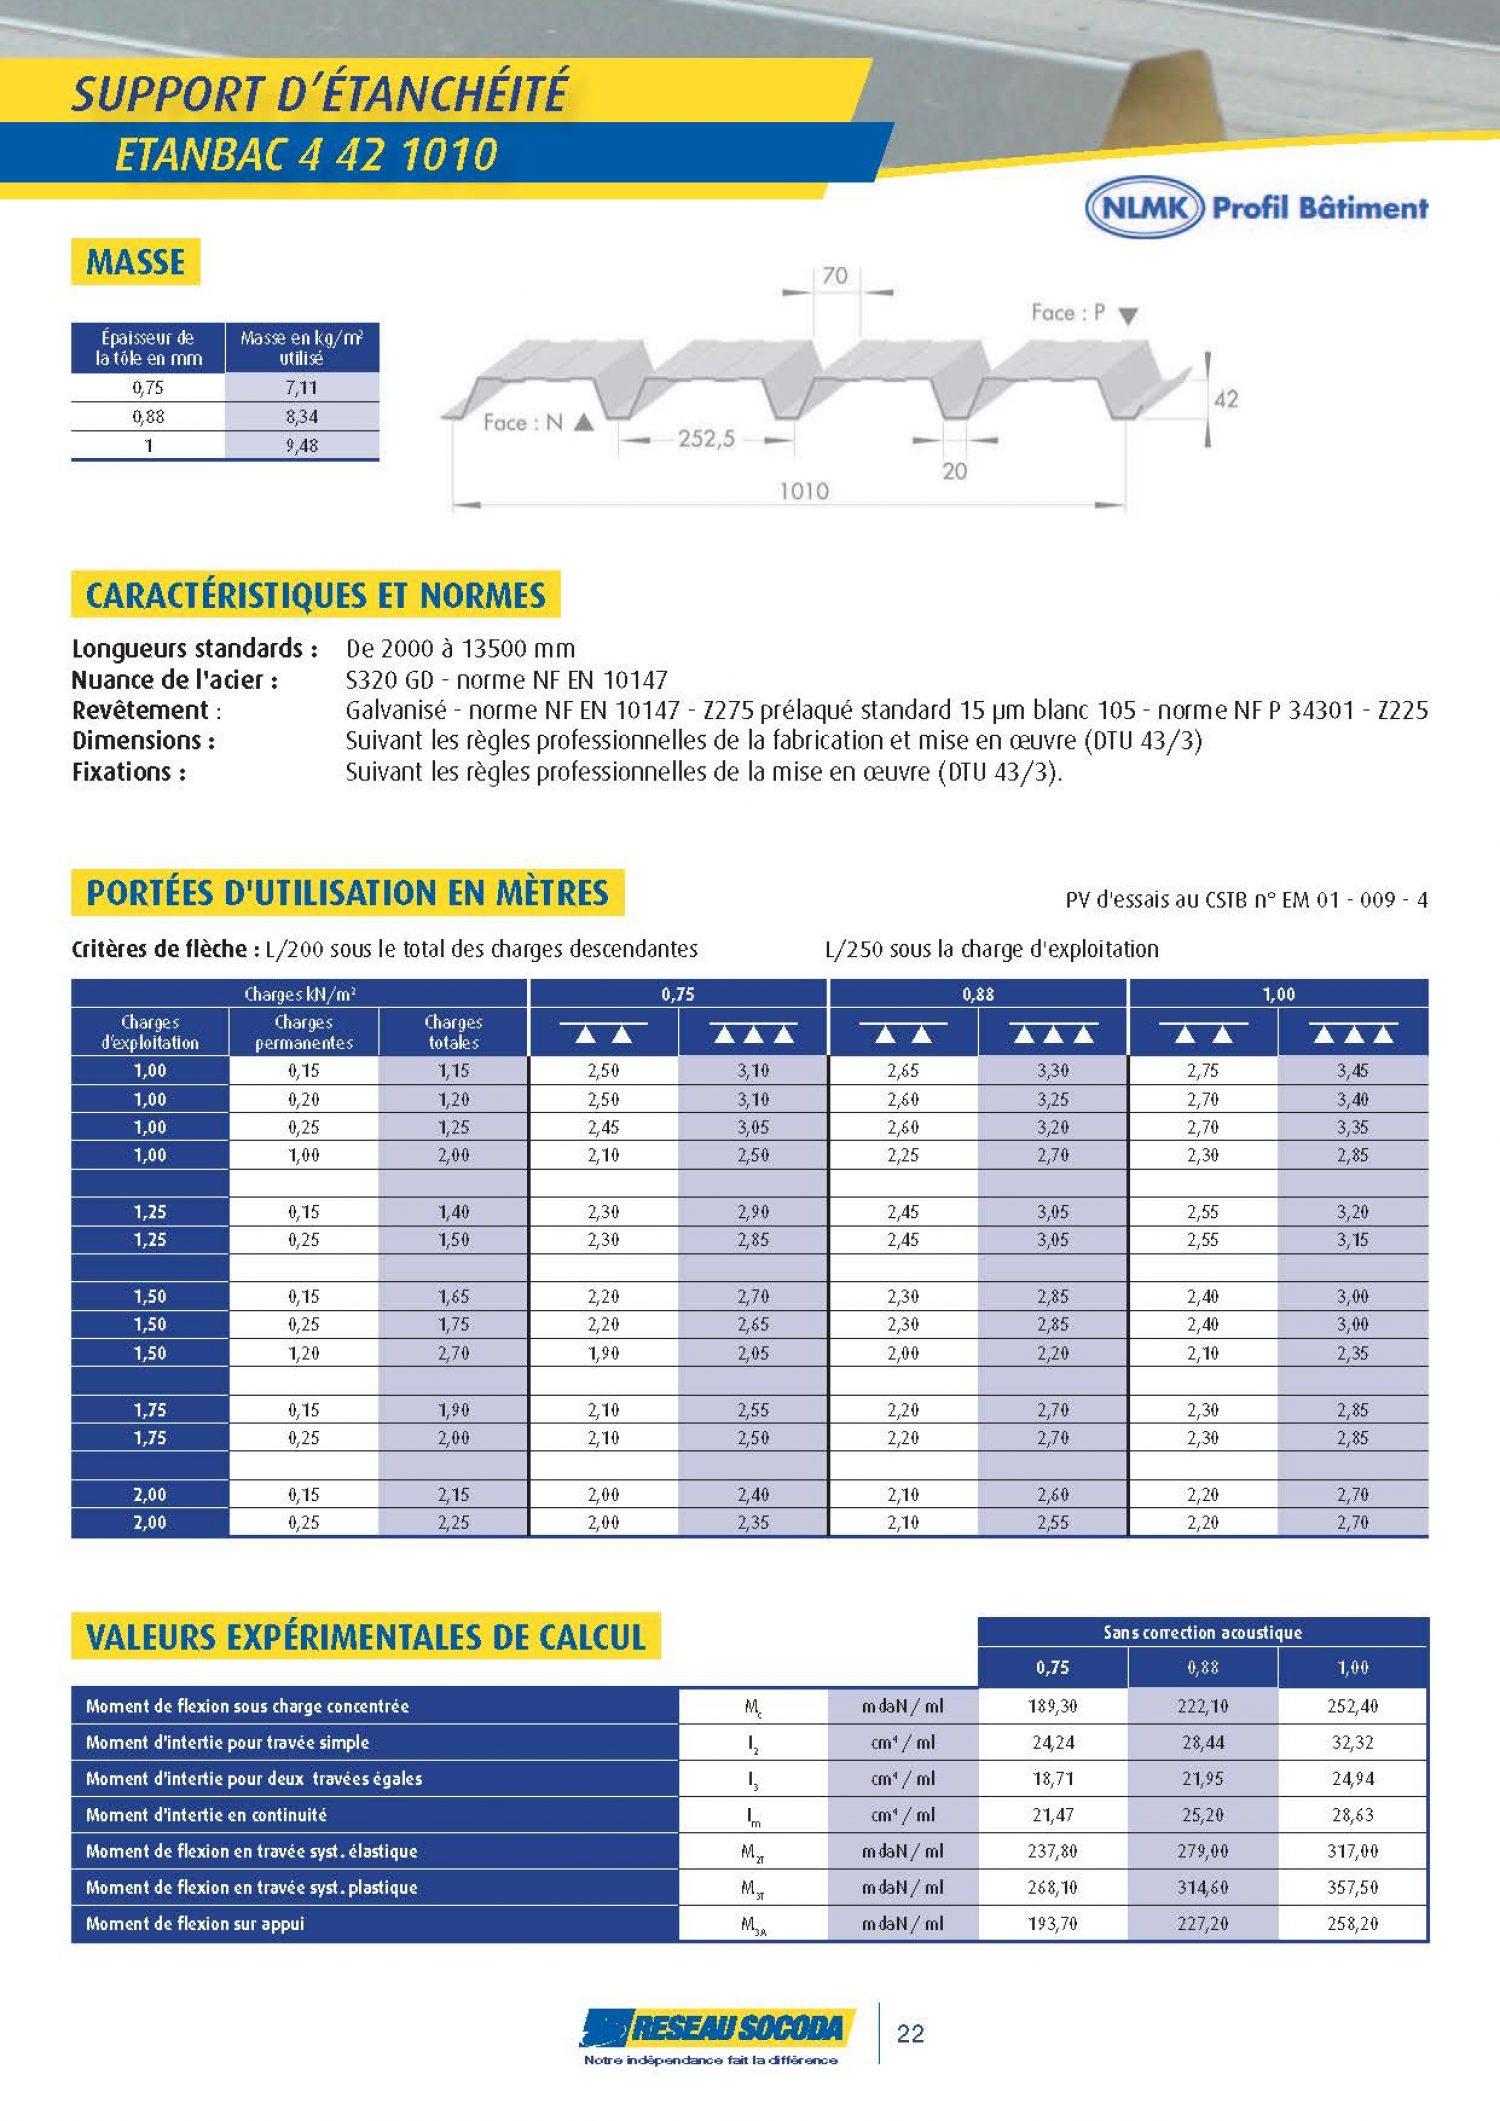 GERMOND_2014 PROFIL BATIMENT_20140324-184231_Page_22